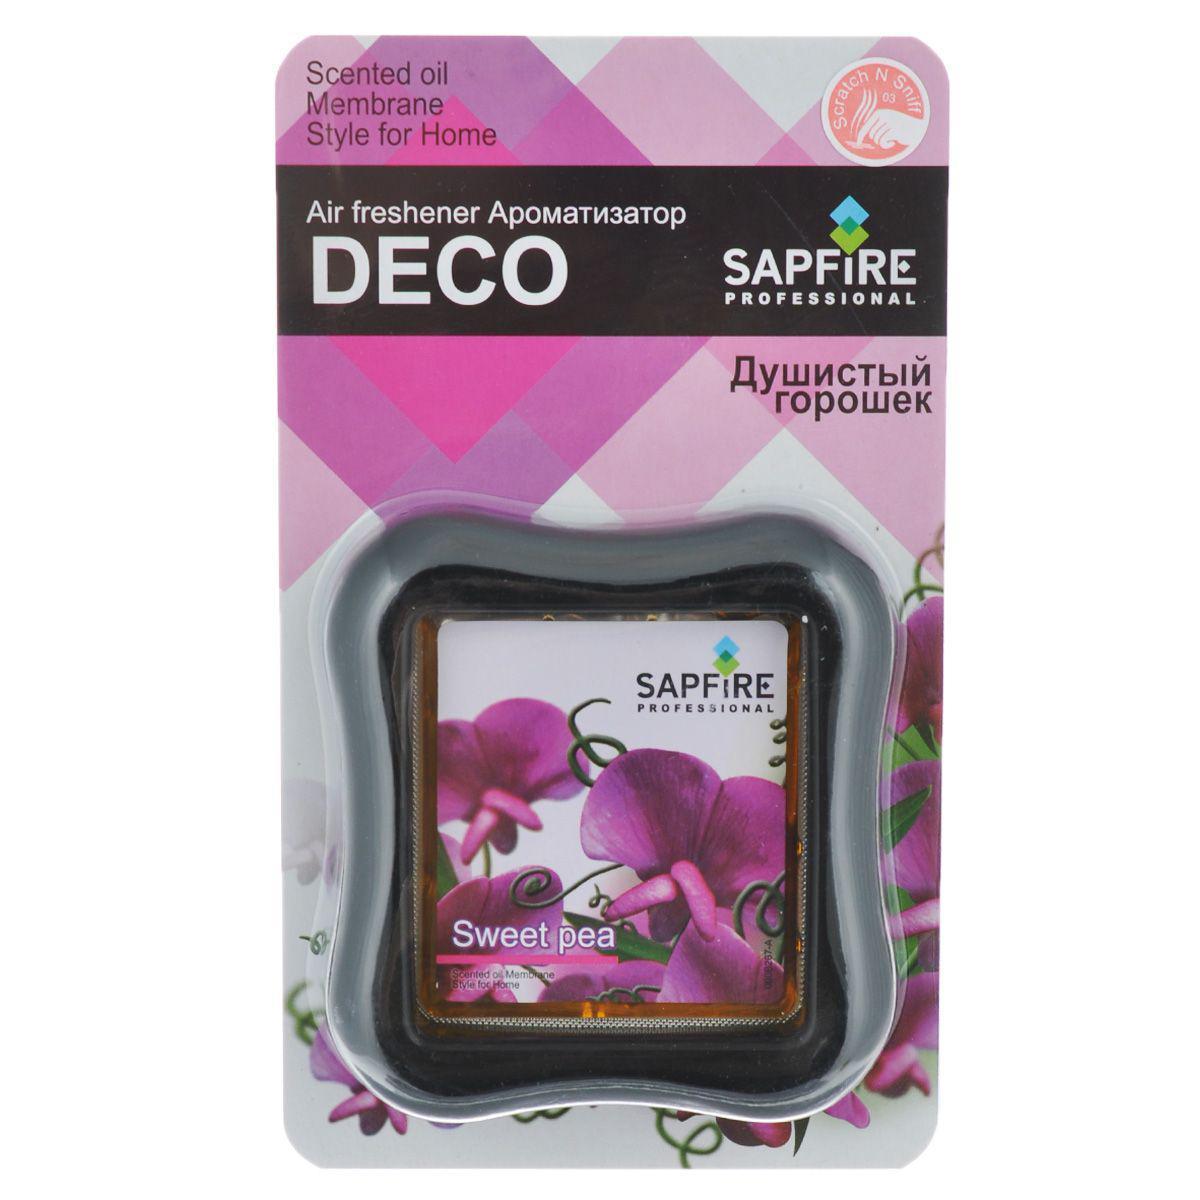 Ароматизатор в дефлектор Sapfire Deco, душистый горошек07715-SAAАвтомобильный и домашний декоративный освежитель воздуха Sapfire Deco имеет приятный аромат. Ароматизатор, изготовленный с использованием современной мембранной технологии, - это безопасно, удобно и гарантирует длительную работу, без риска пролить жидкое содержимое. Крепится ароматизатор на стену в комнате или на дефлектор в автомобиле. Состав: парфюмерная композиция, гель, пластик, алюминиевая фольга. Размер ароматизатора: 8 см х 8,5 см х 2 см.